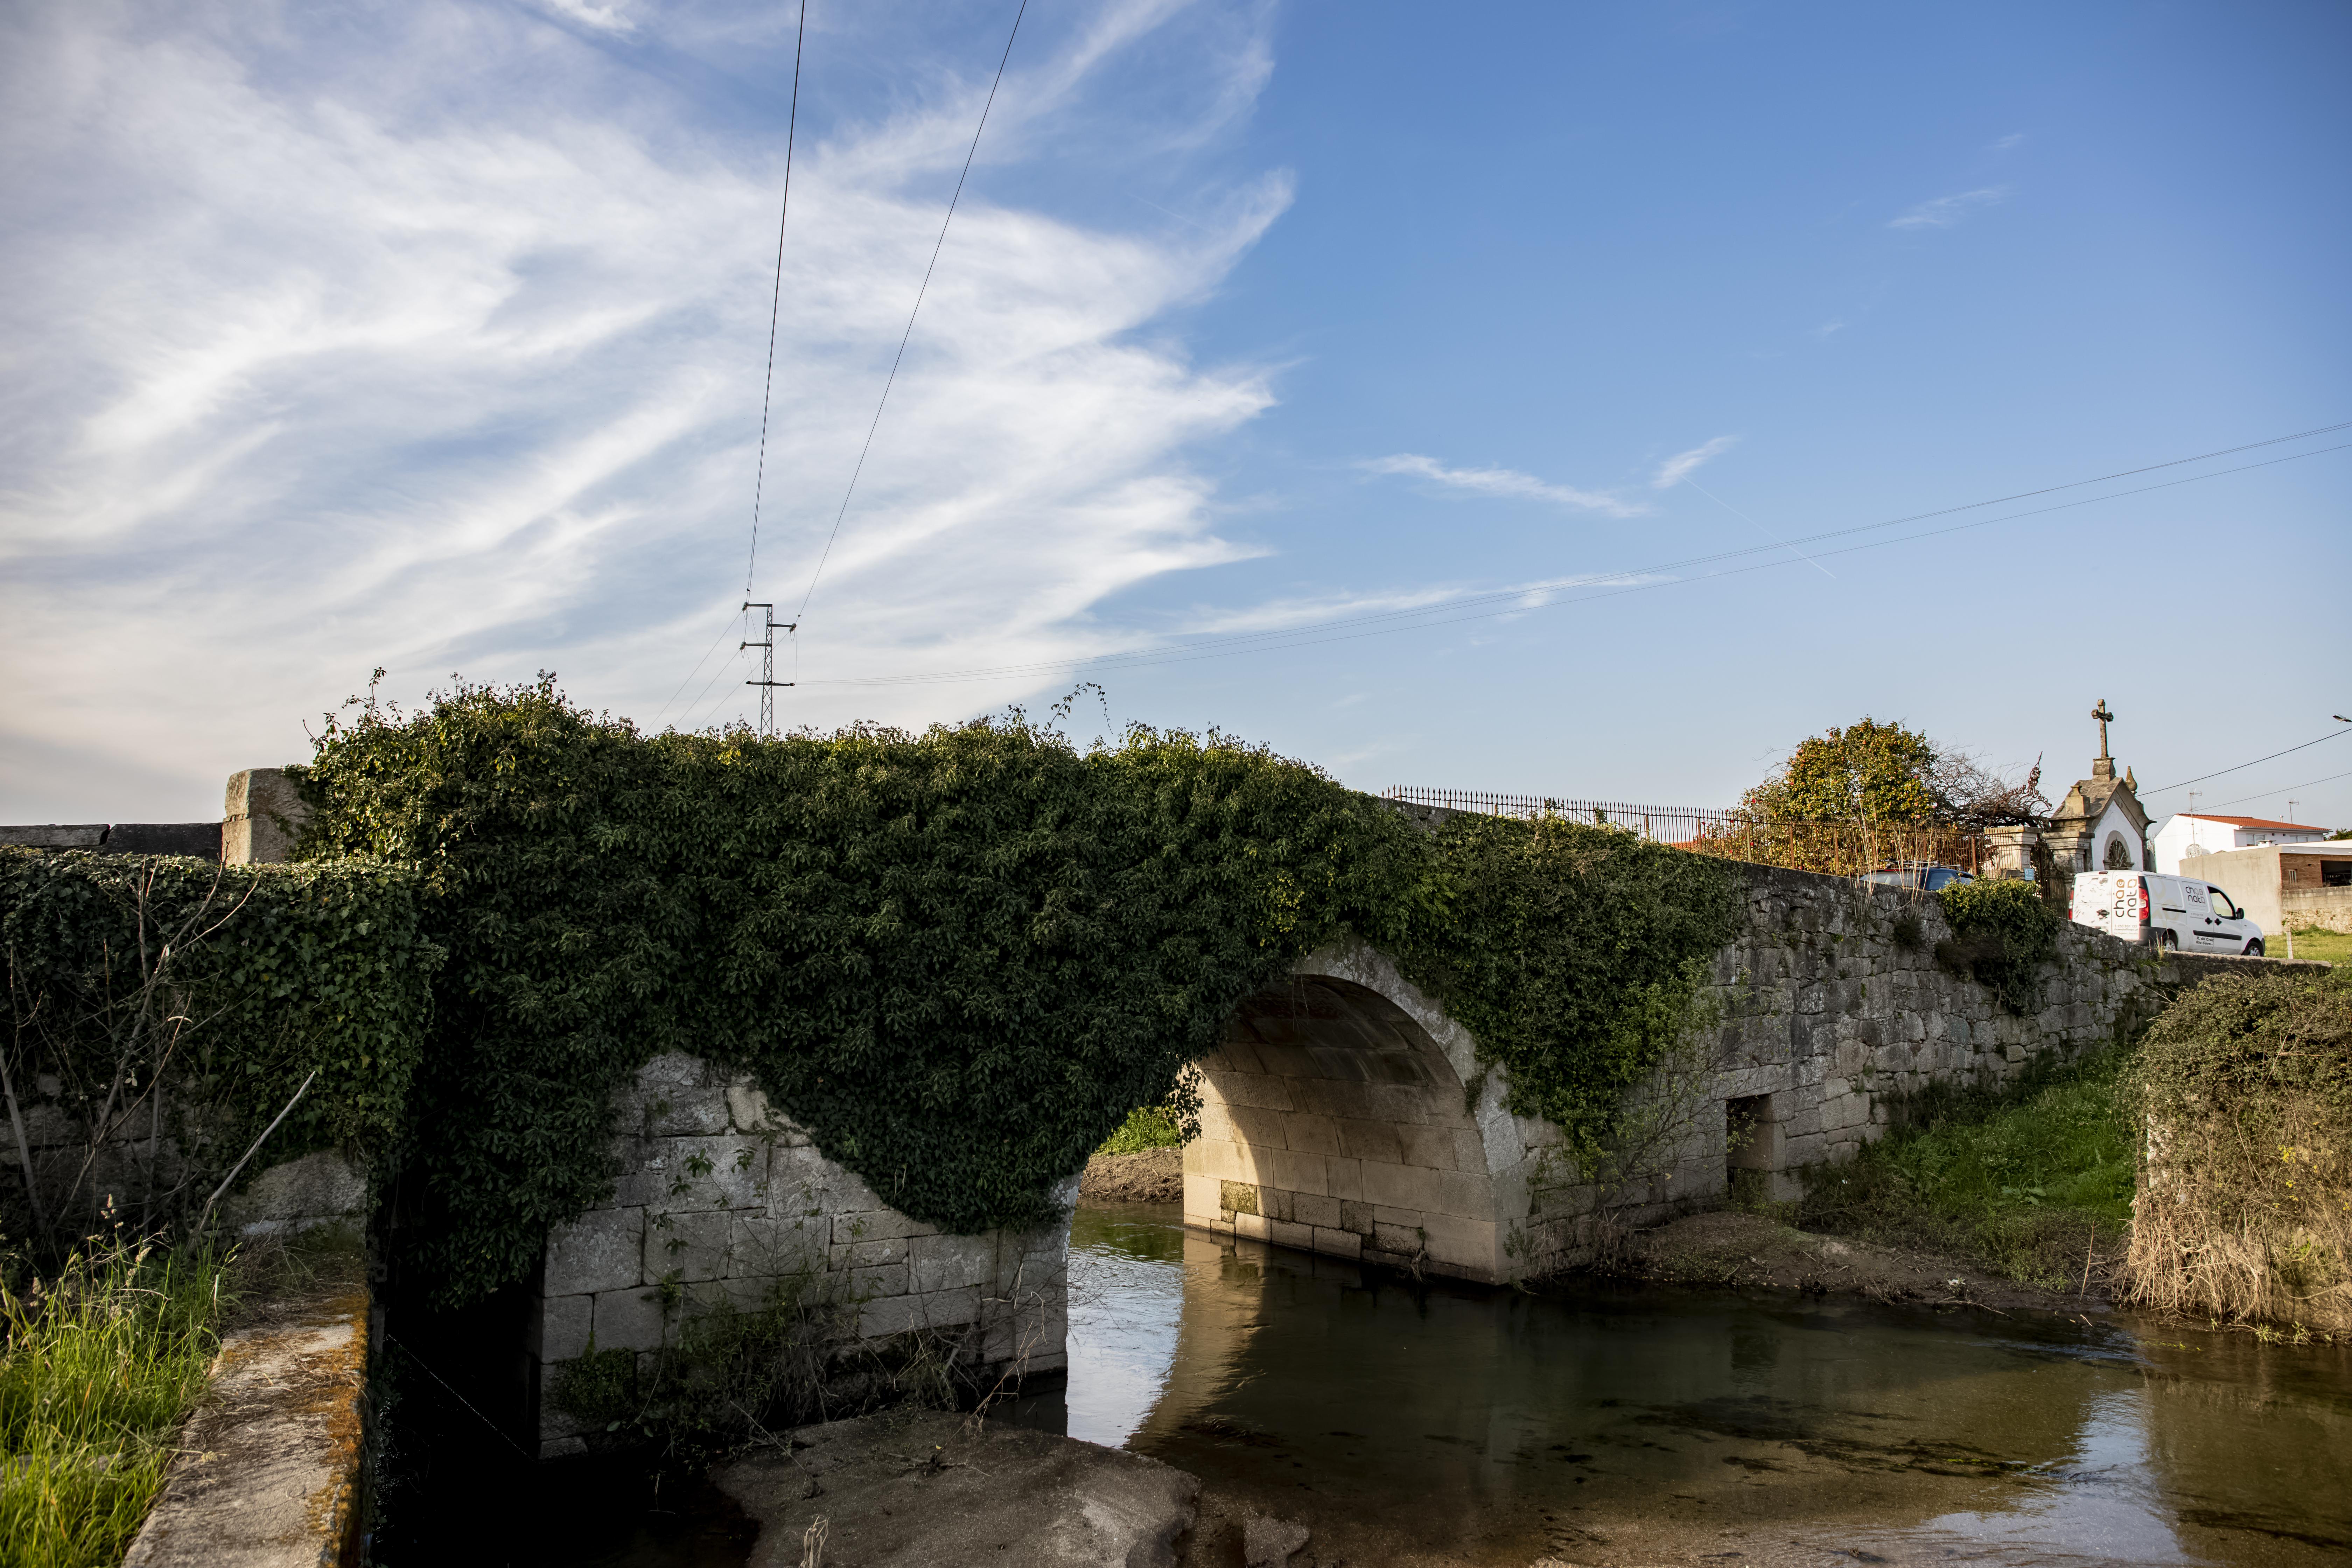 Câmara Municipal vai inventariar pontes, viadutos, túneis e passagens